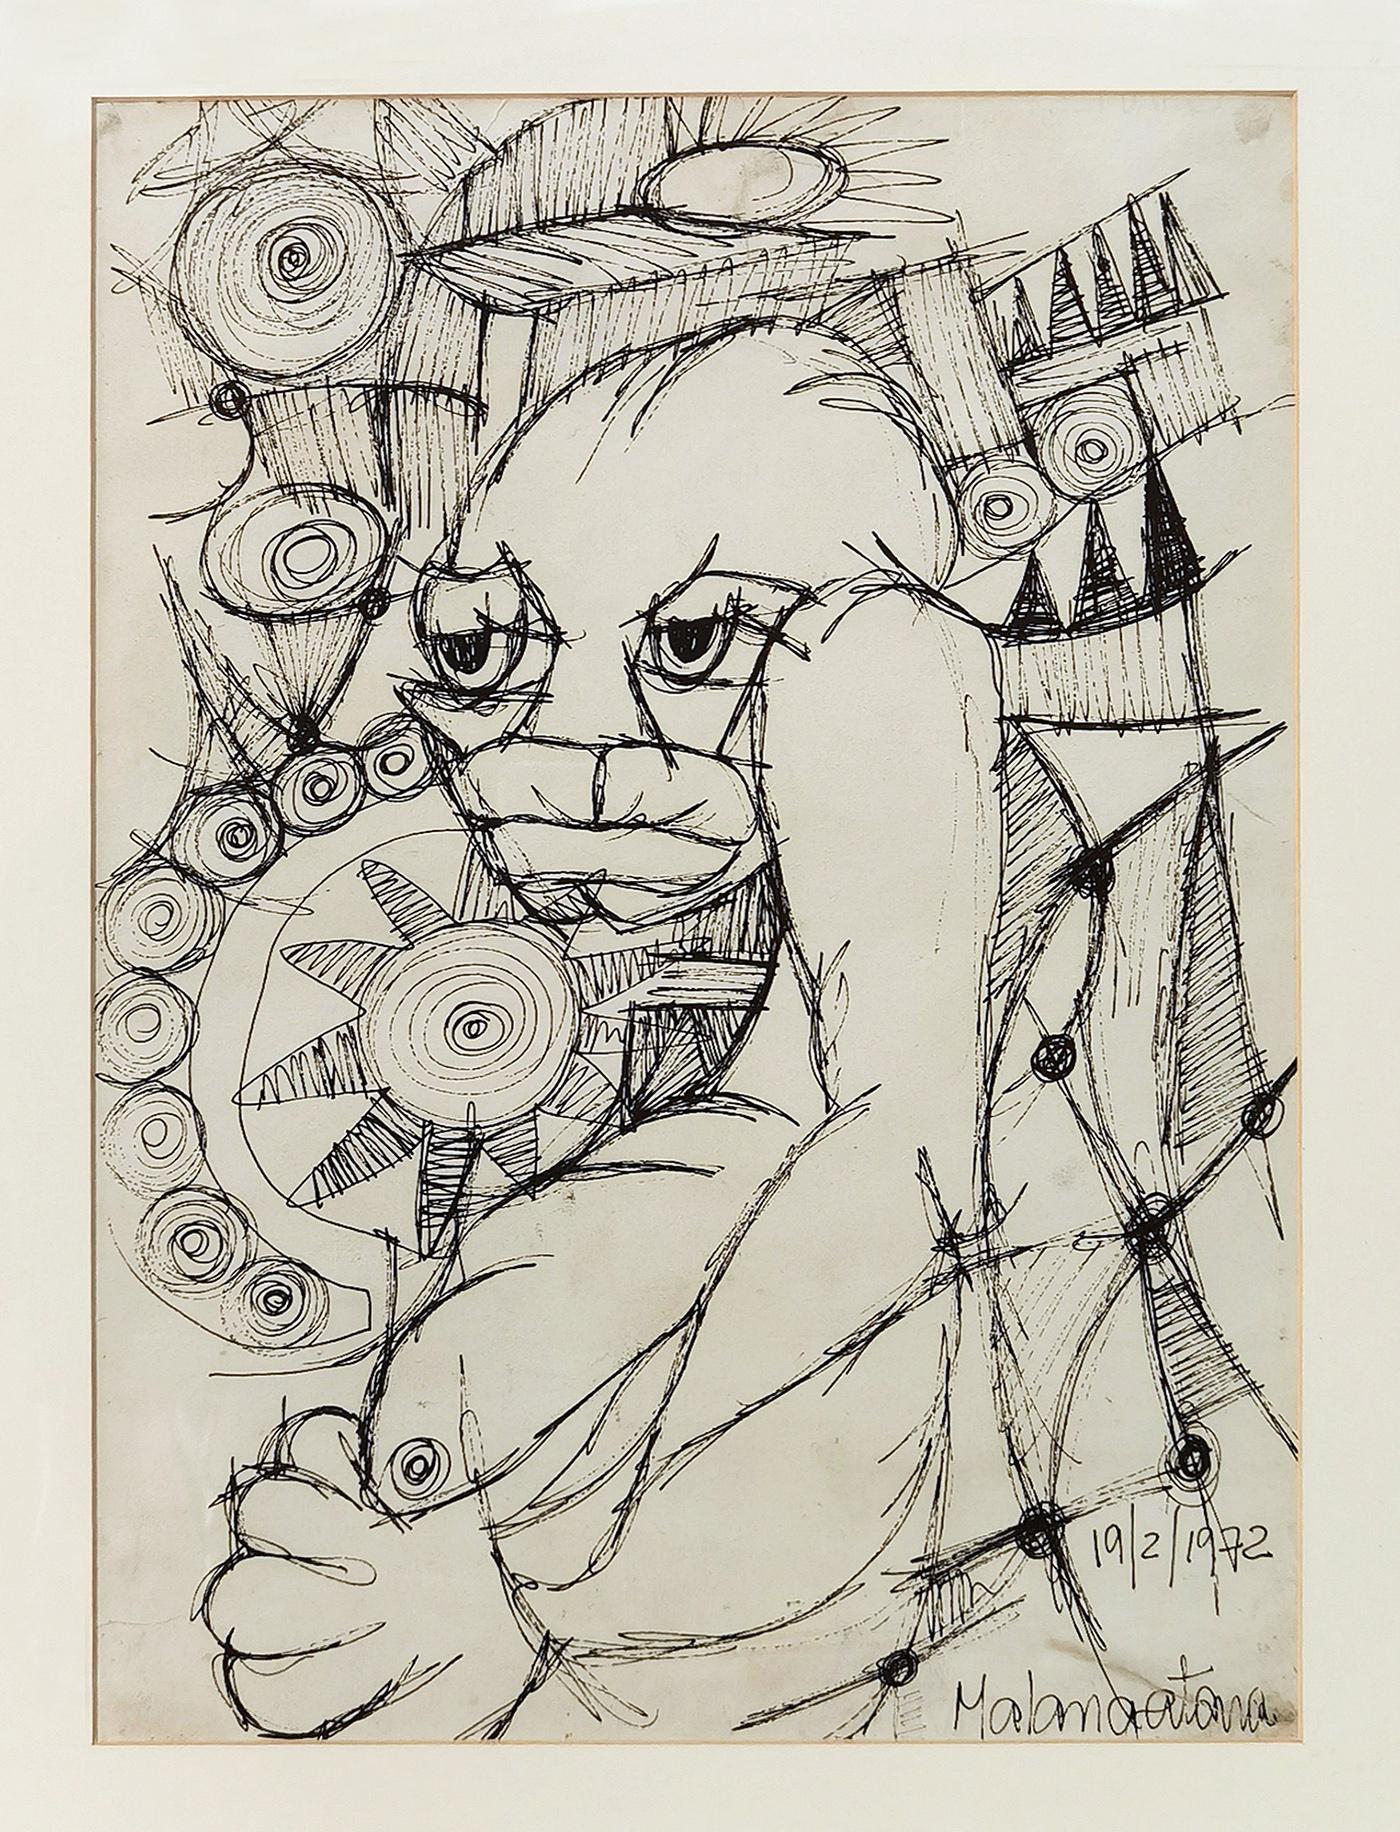 Sem título, desenho a tinta da chinha, 44 x 32 cm, 1972